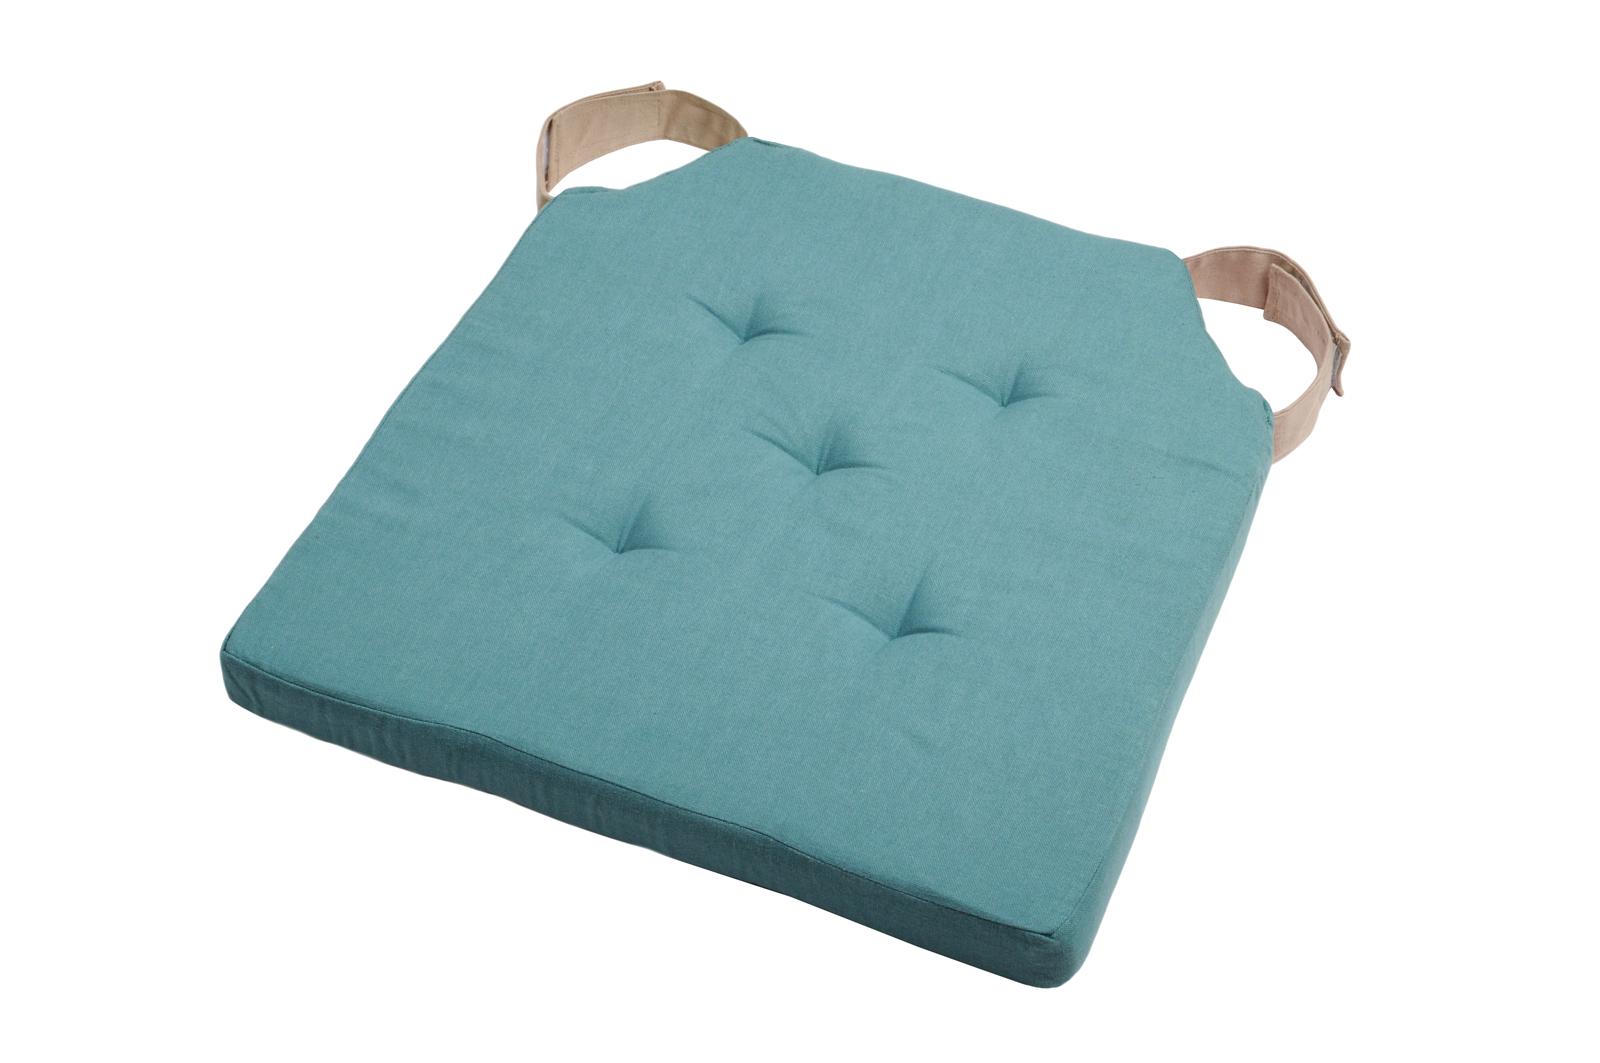 Par Duo Galette Velcro Lin Couleur 38x38cm De Bleu Attaches Chaise 8Onw0kXP